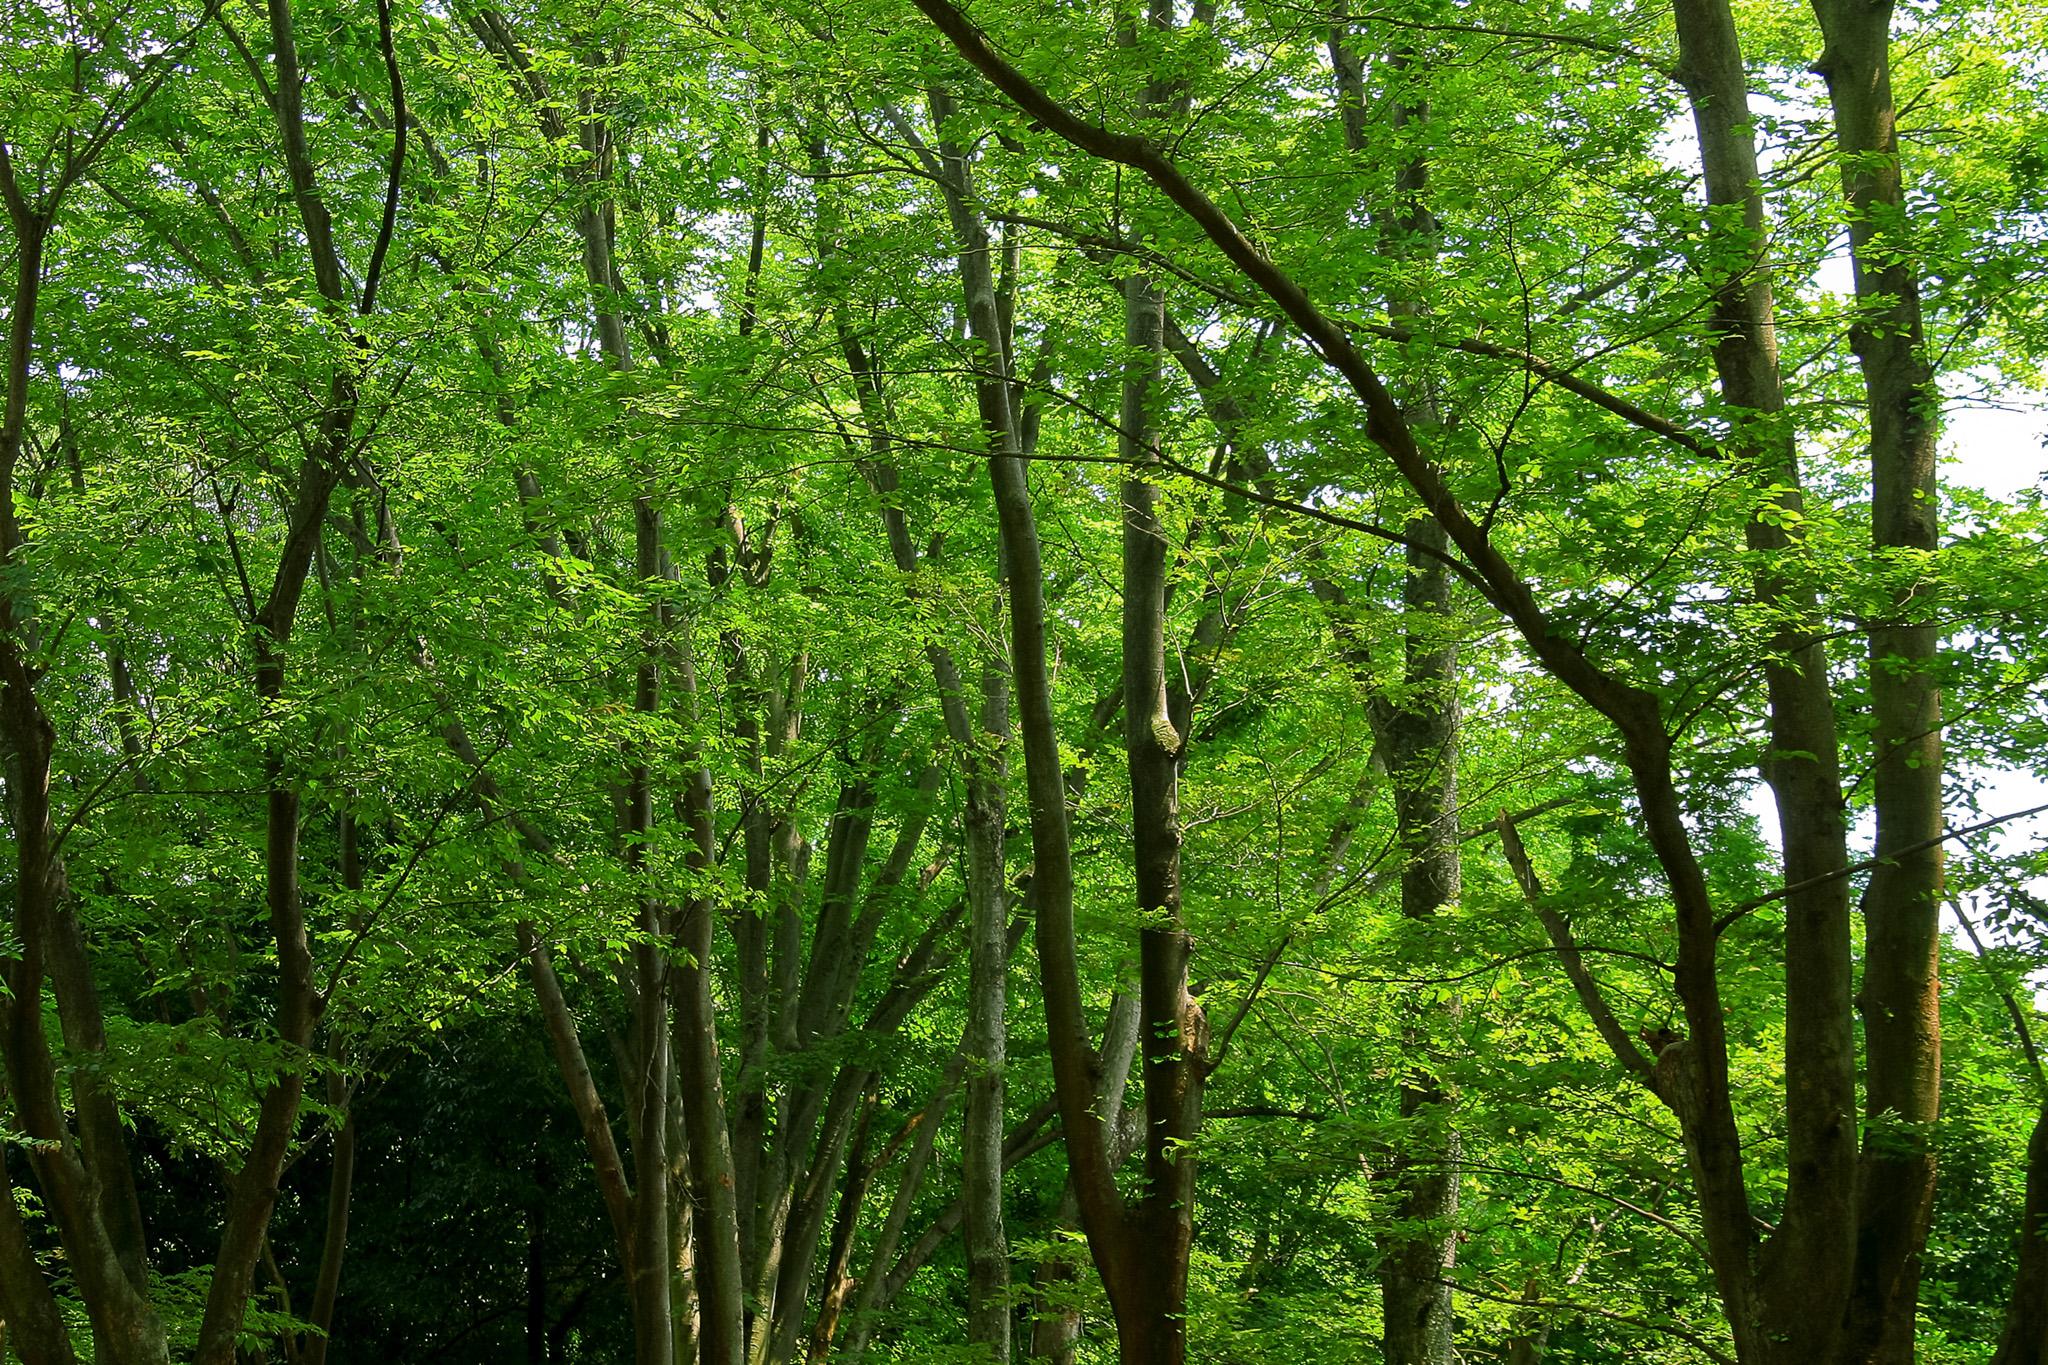 「新緑のトンネルが続く林」の素材を無料ダウンロード